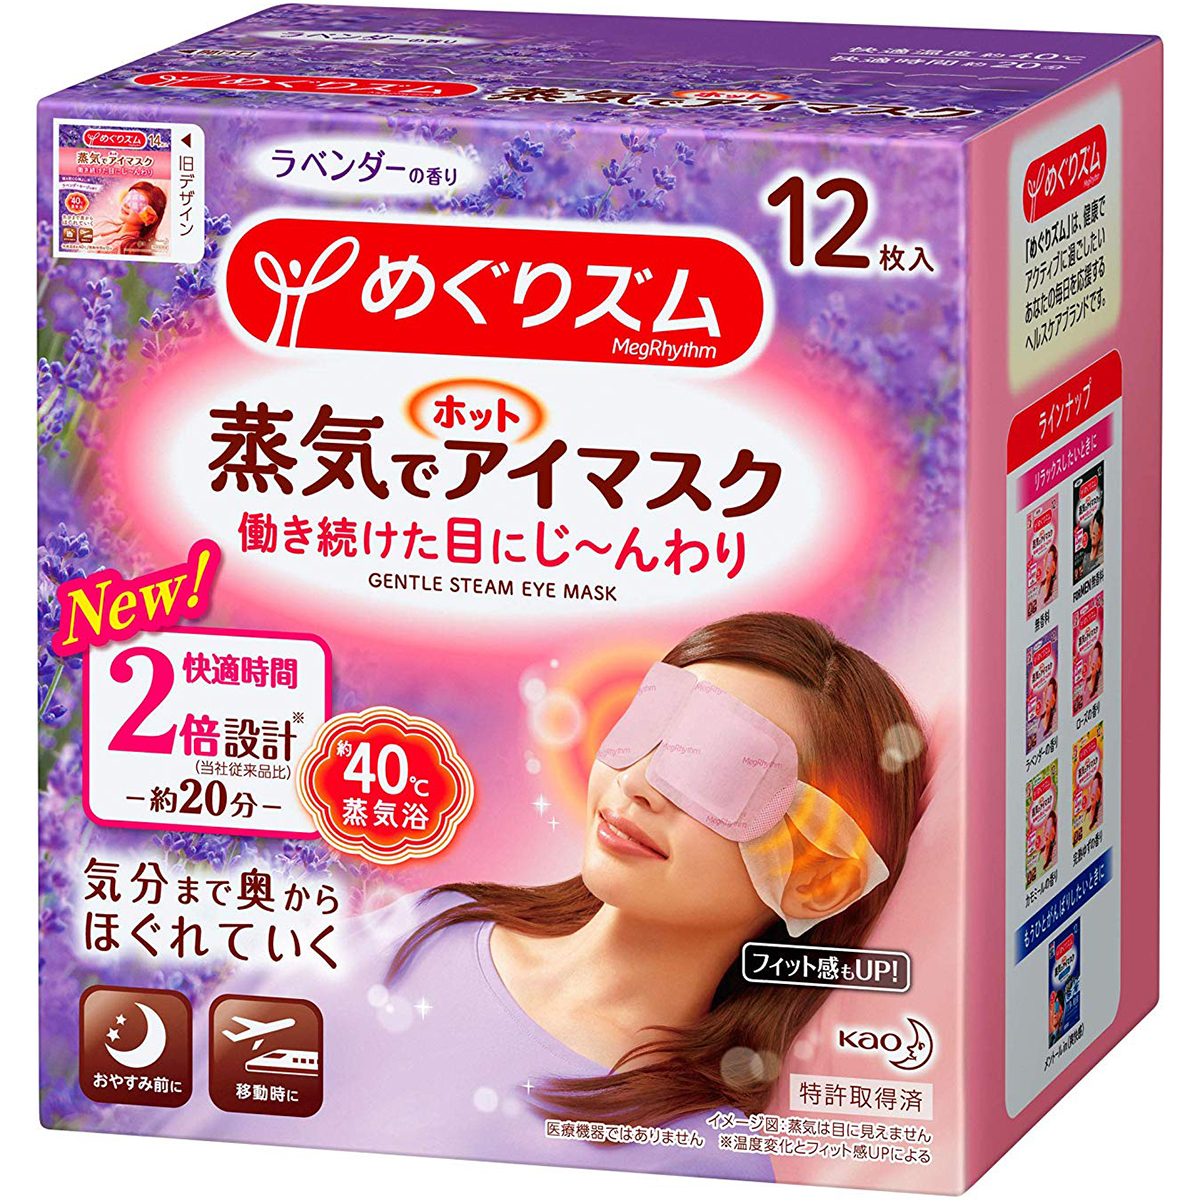 花王  蒸氣眼罩(2倍時效) 薰衣草 12枚